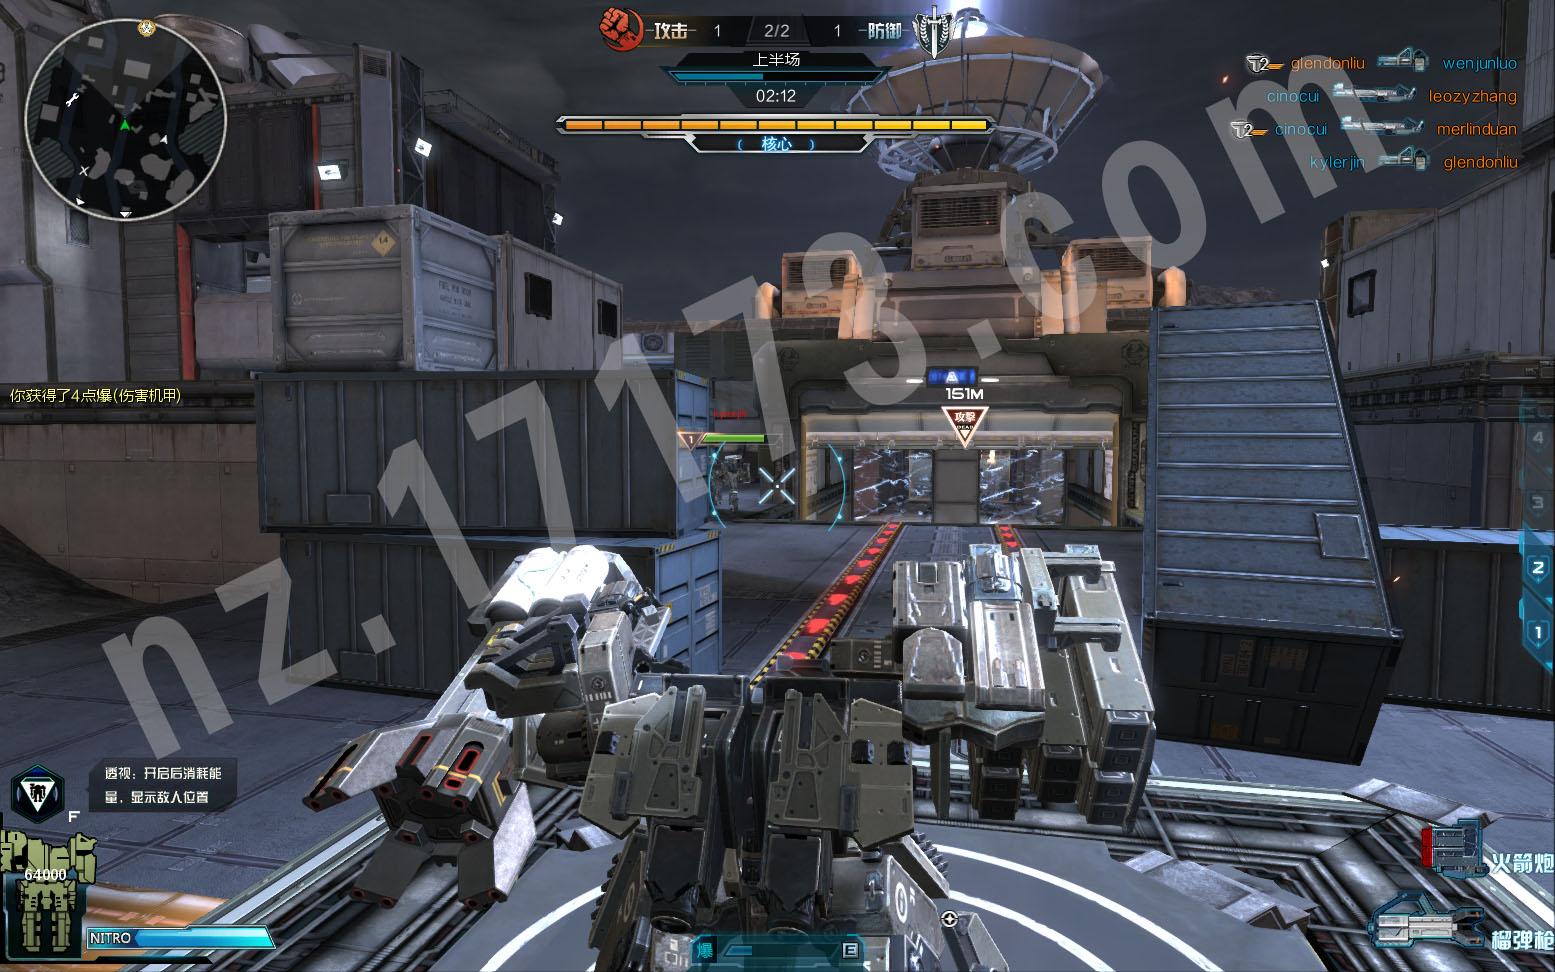 逆战机甲模式_逆战机甲对战模式游戏截图曝光七